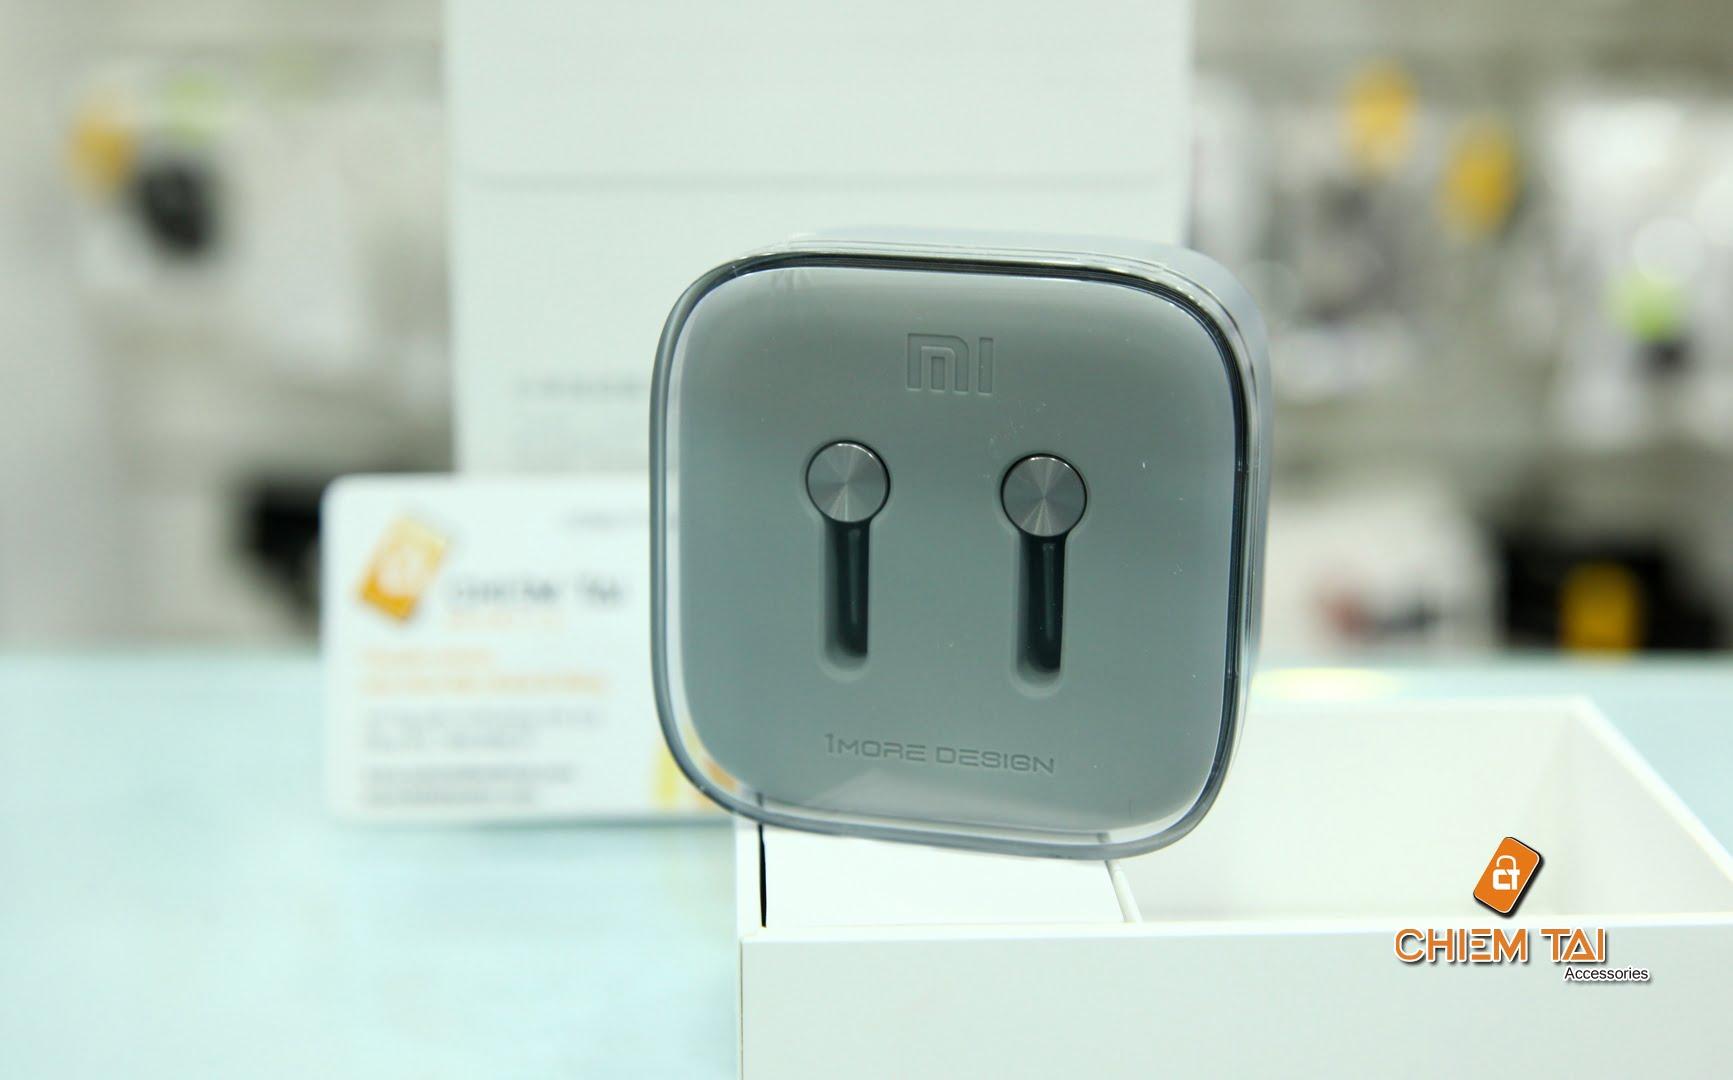 tai nghe mi in ear headphone piston iron pro hd 605066e74398a